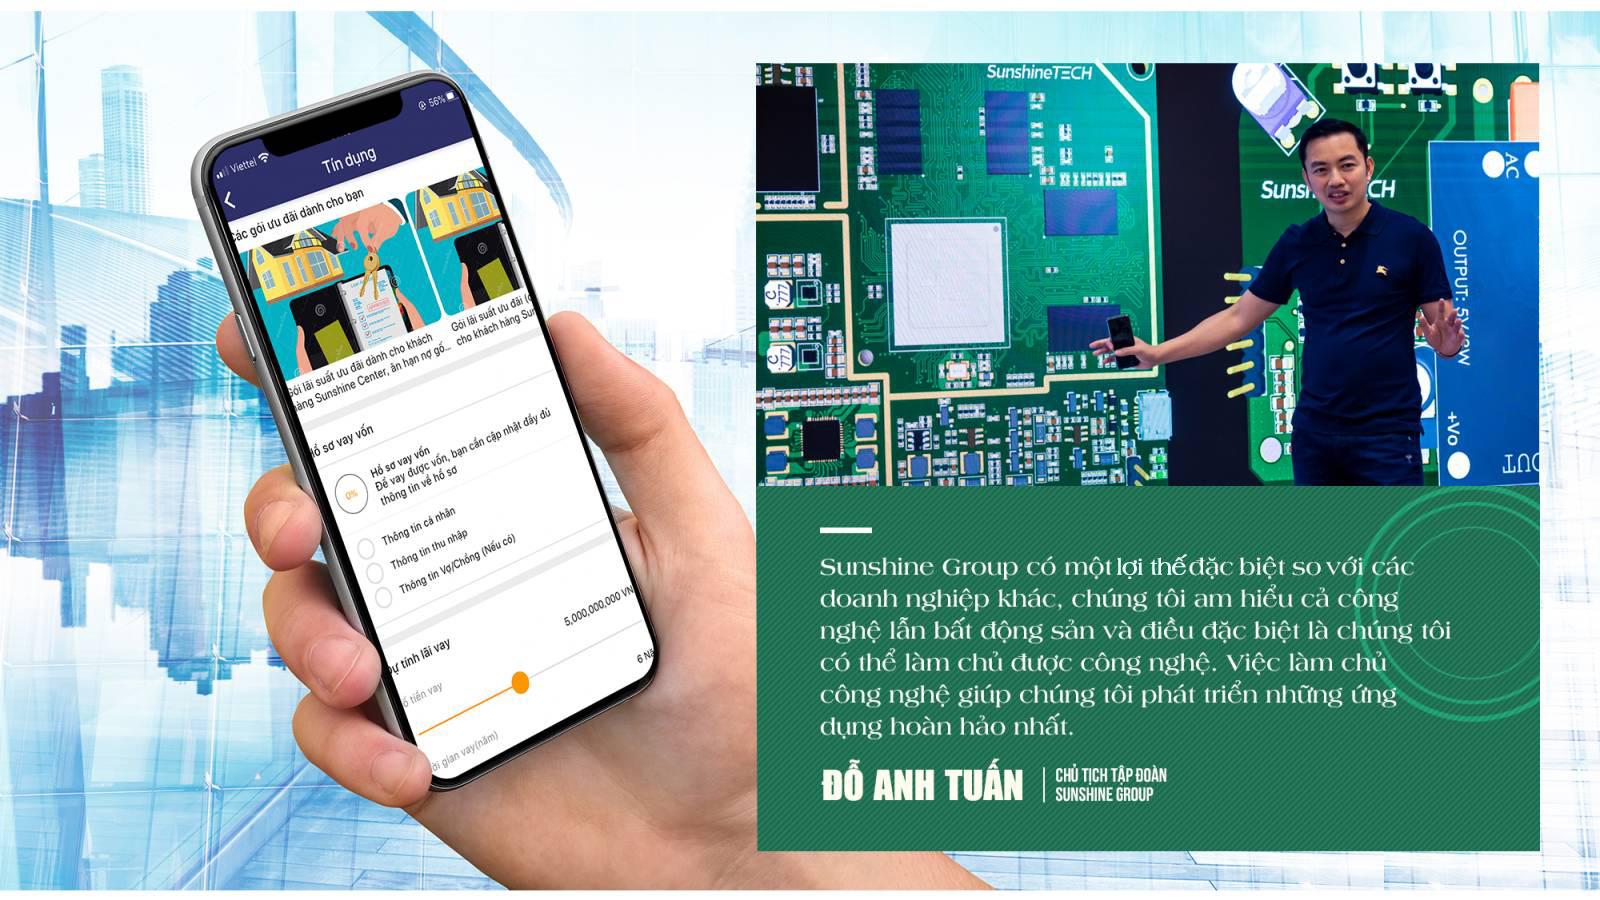 """""""Cha đẻ"""" siêu ứng dụng Sunshine App – ĐỖ ANH TUẤN: """"Làm chủ công nghệ, chúng tôi đưa bất động sản Việt chạm đến khát vọng lớn"""" - Ảnh 7."""